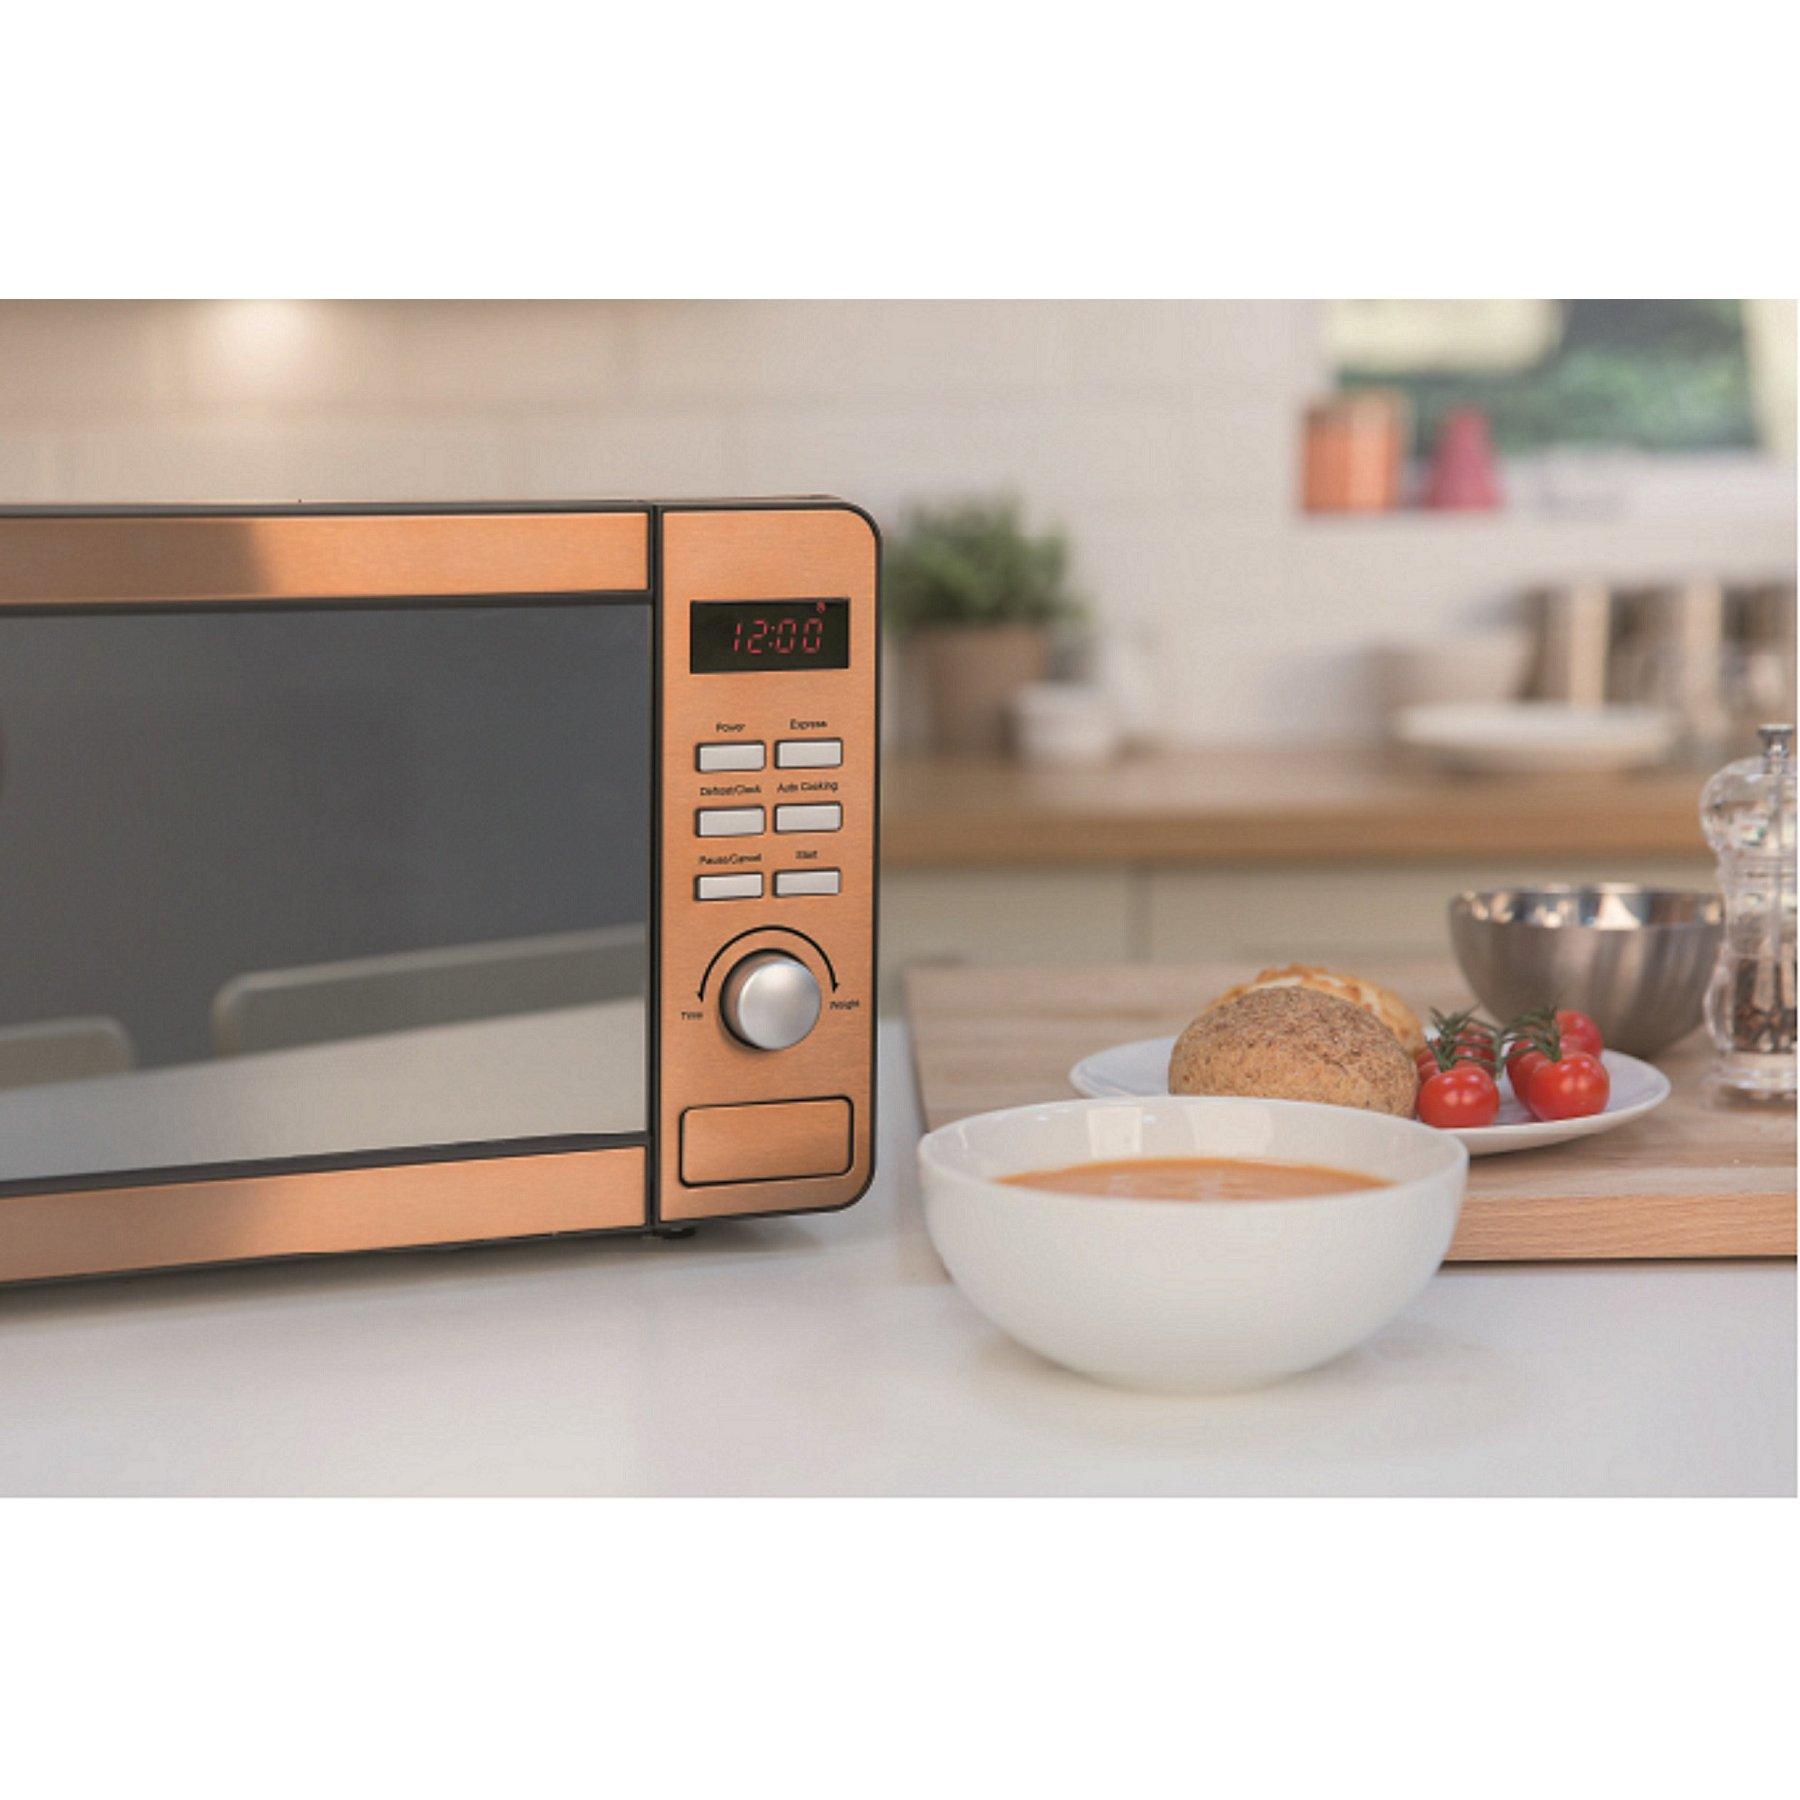 Rus Hobbs Rhmd804cp Copper Digital Microwave Reset